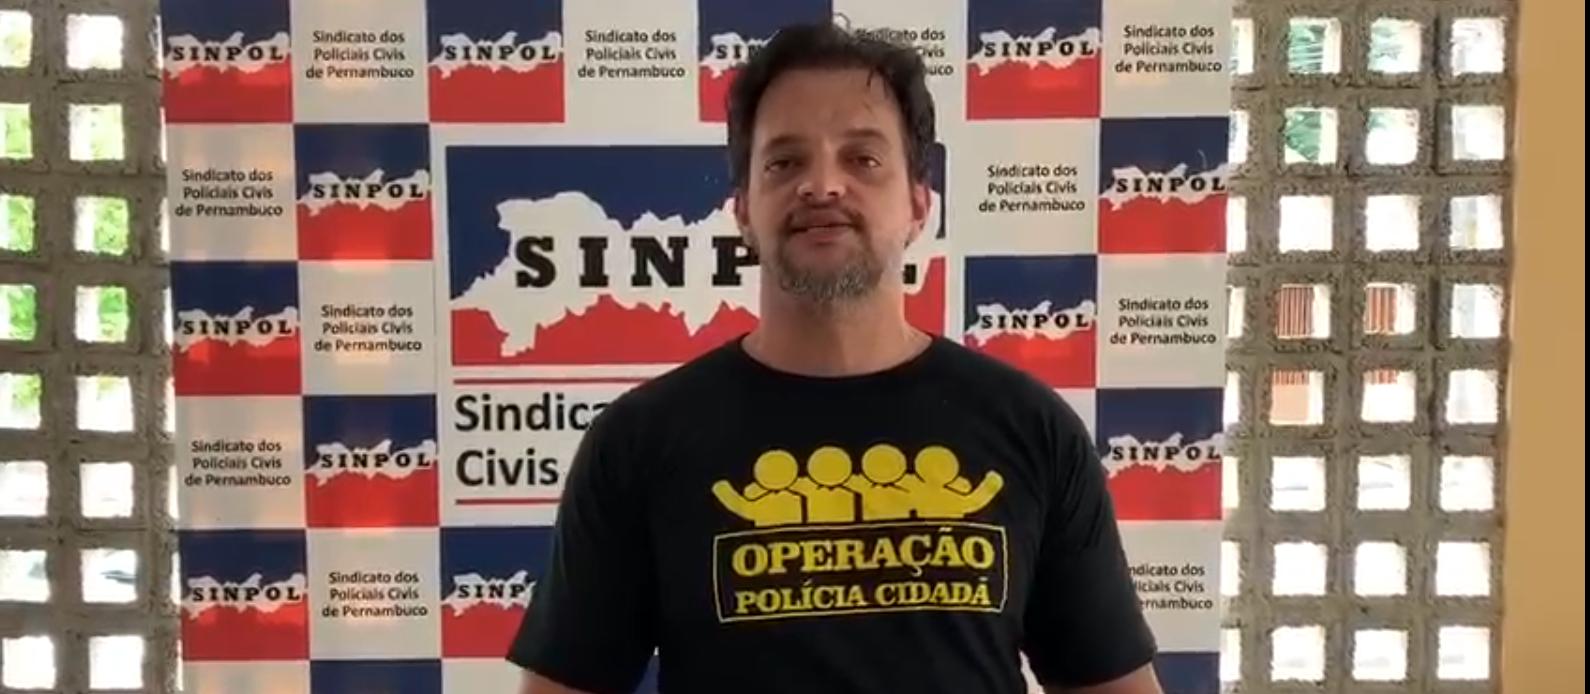 Vitória do SINPOL e dos Policiais Civis.